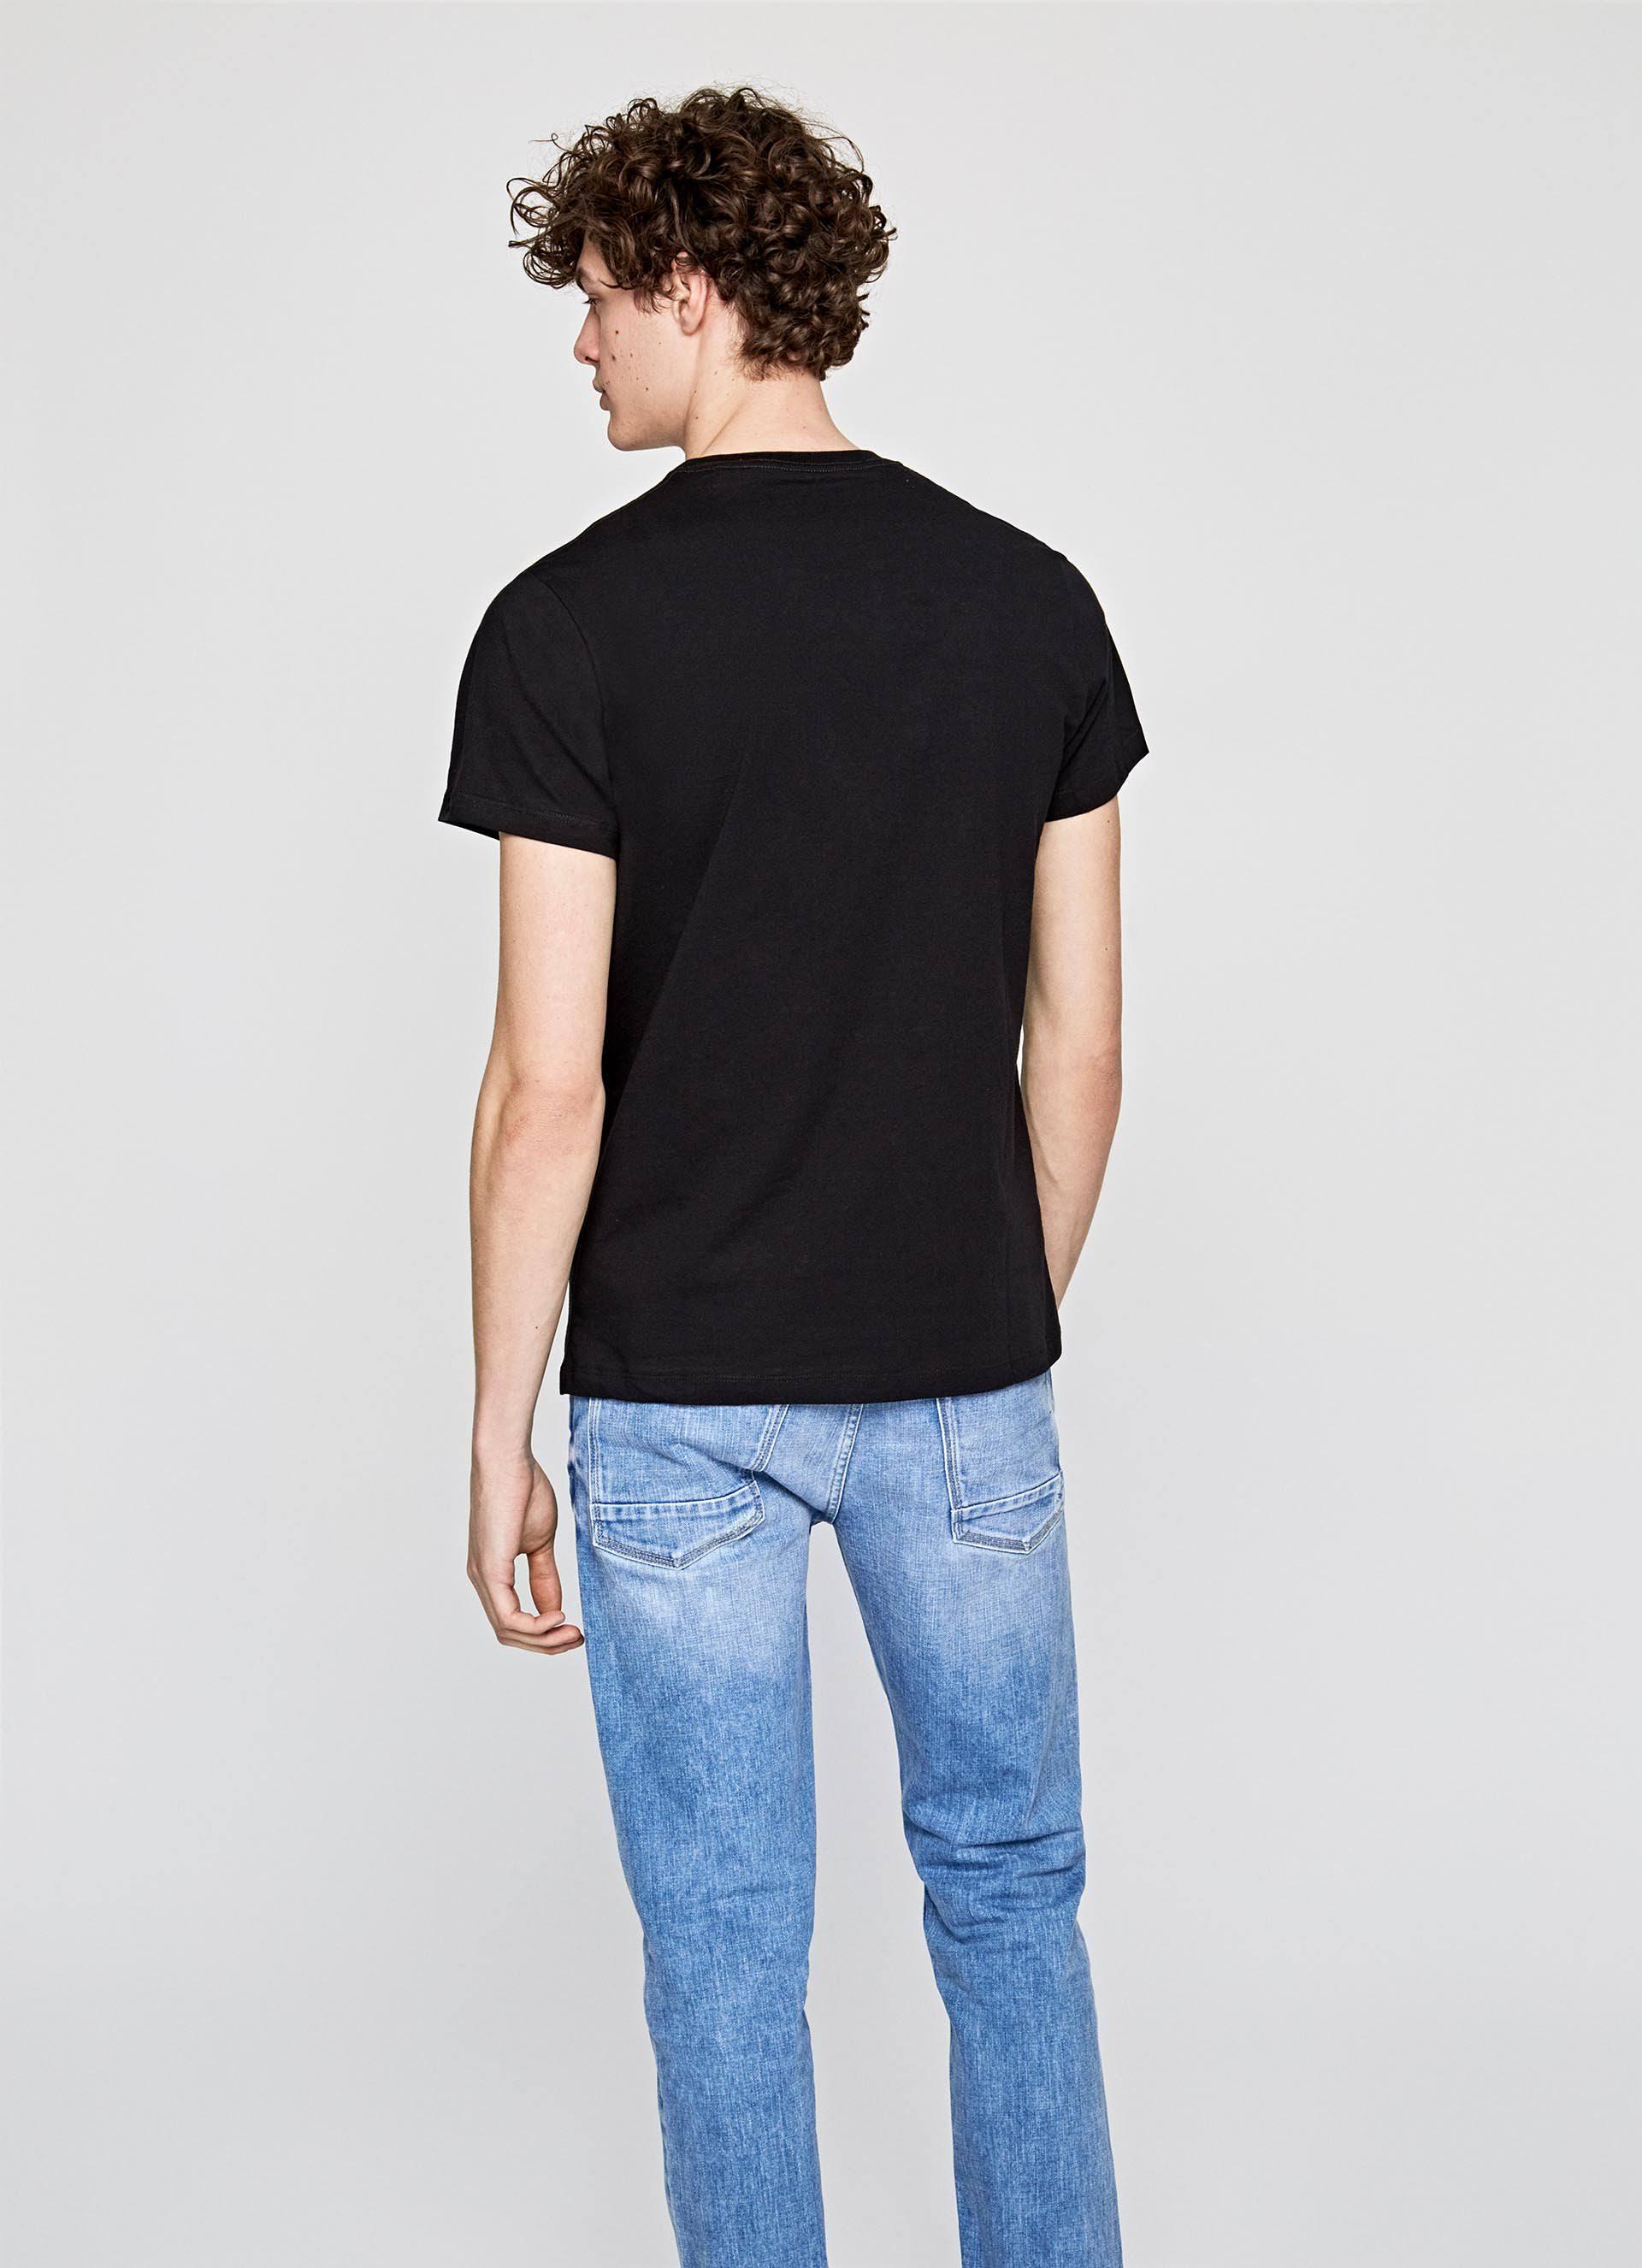 Negro Xs Eggo Pepe Xs Pepe Eggo Jeans Negro Jeans Pepe qZz8wxRxp